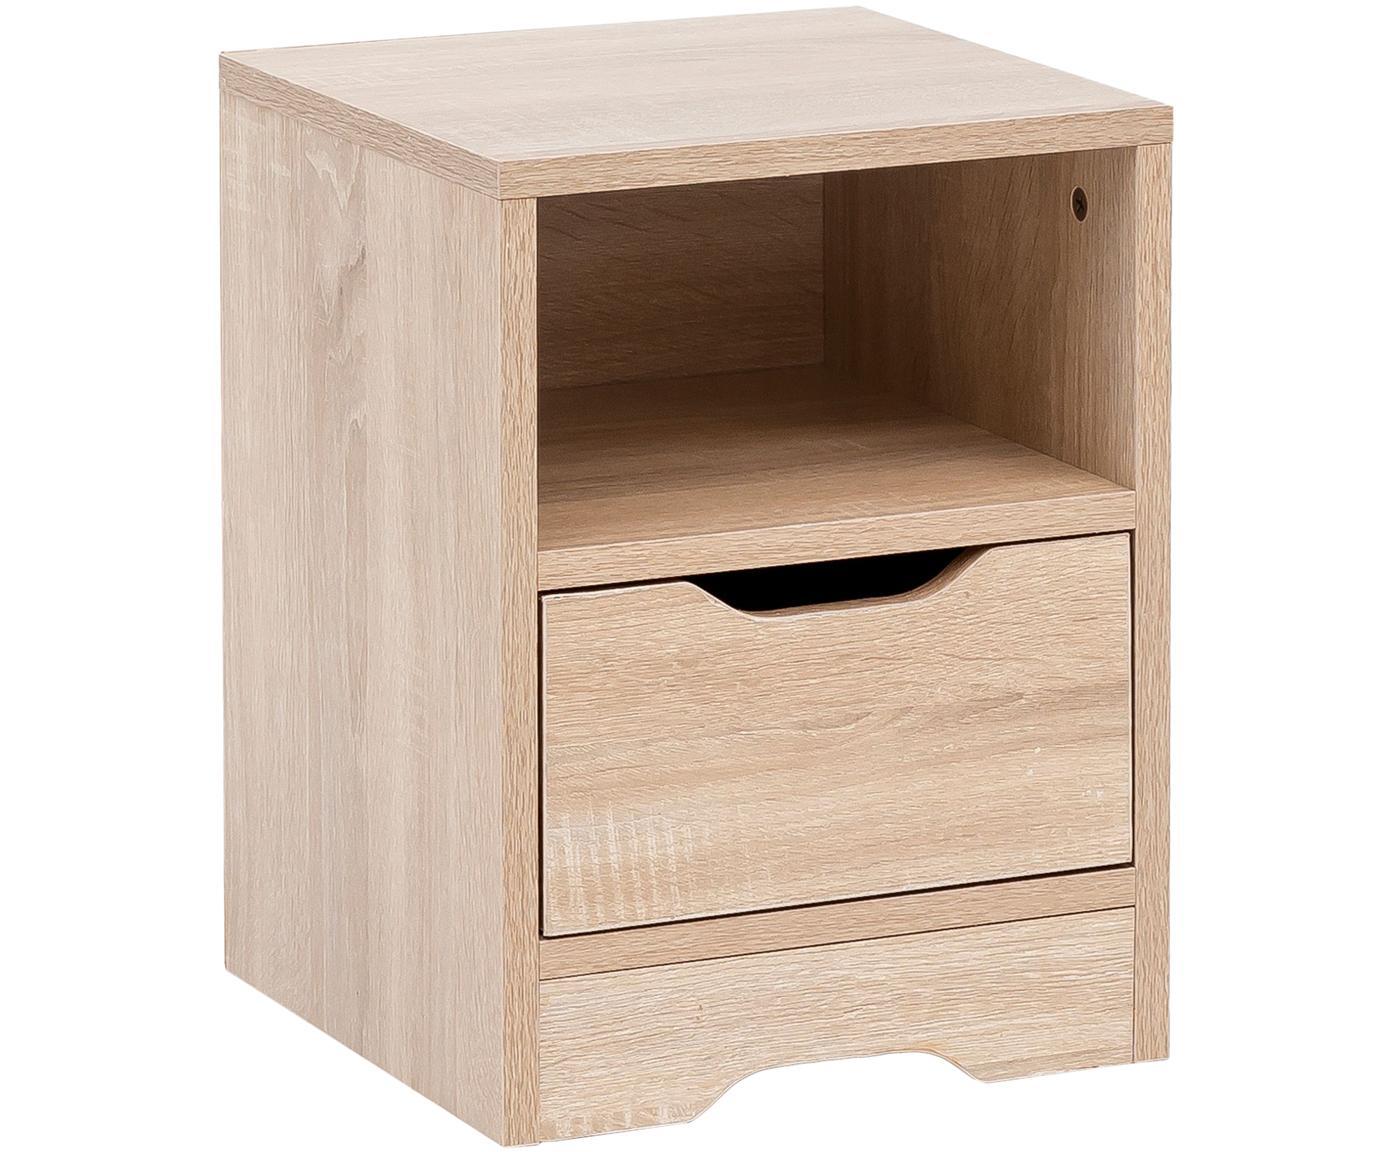 Nachttisch Wohnling mit Schublade, Spanplatte, furniert, melaminbeschichtet, Eichenholz, 31 x 43 cm